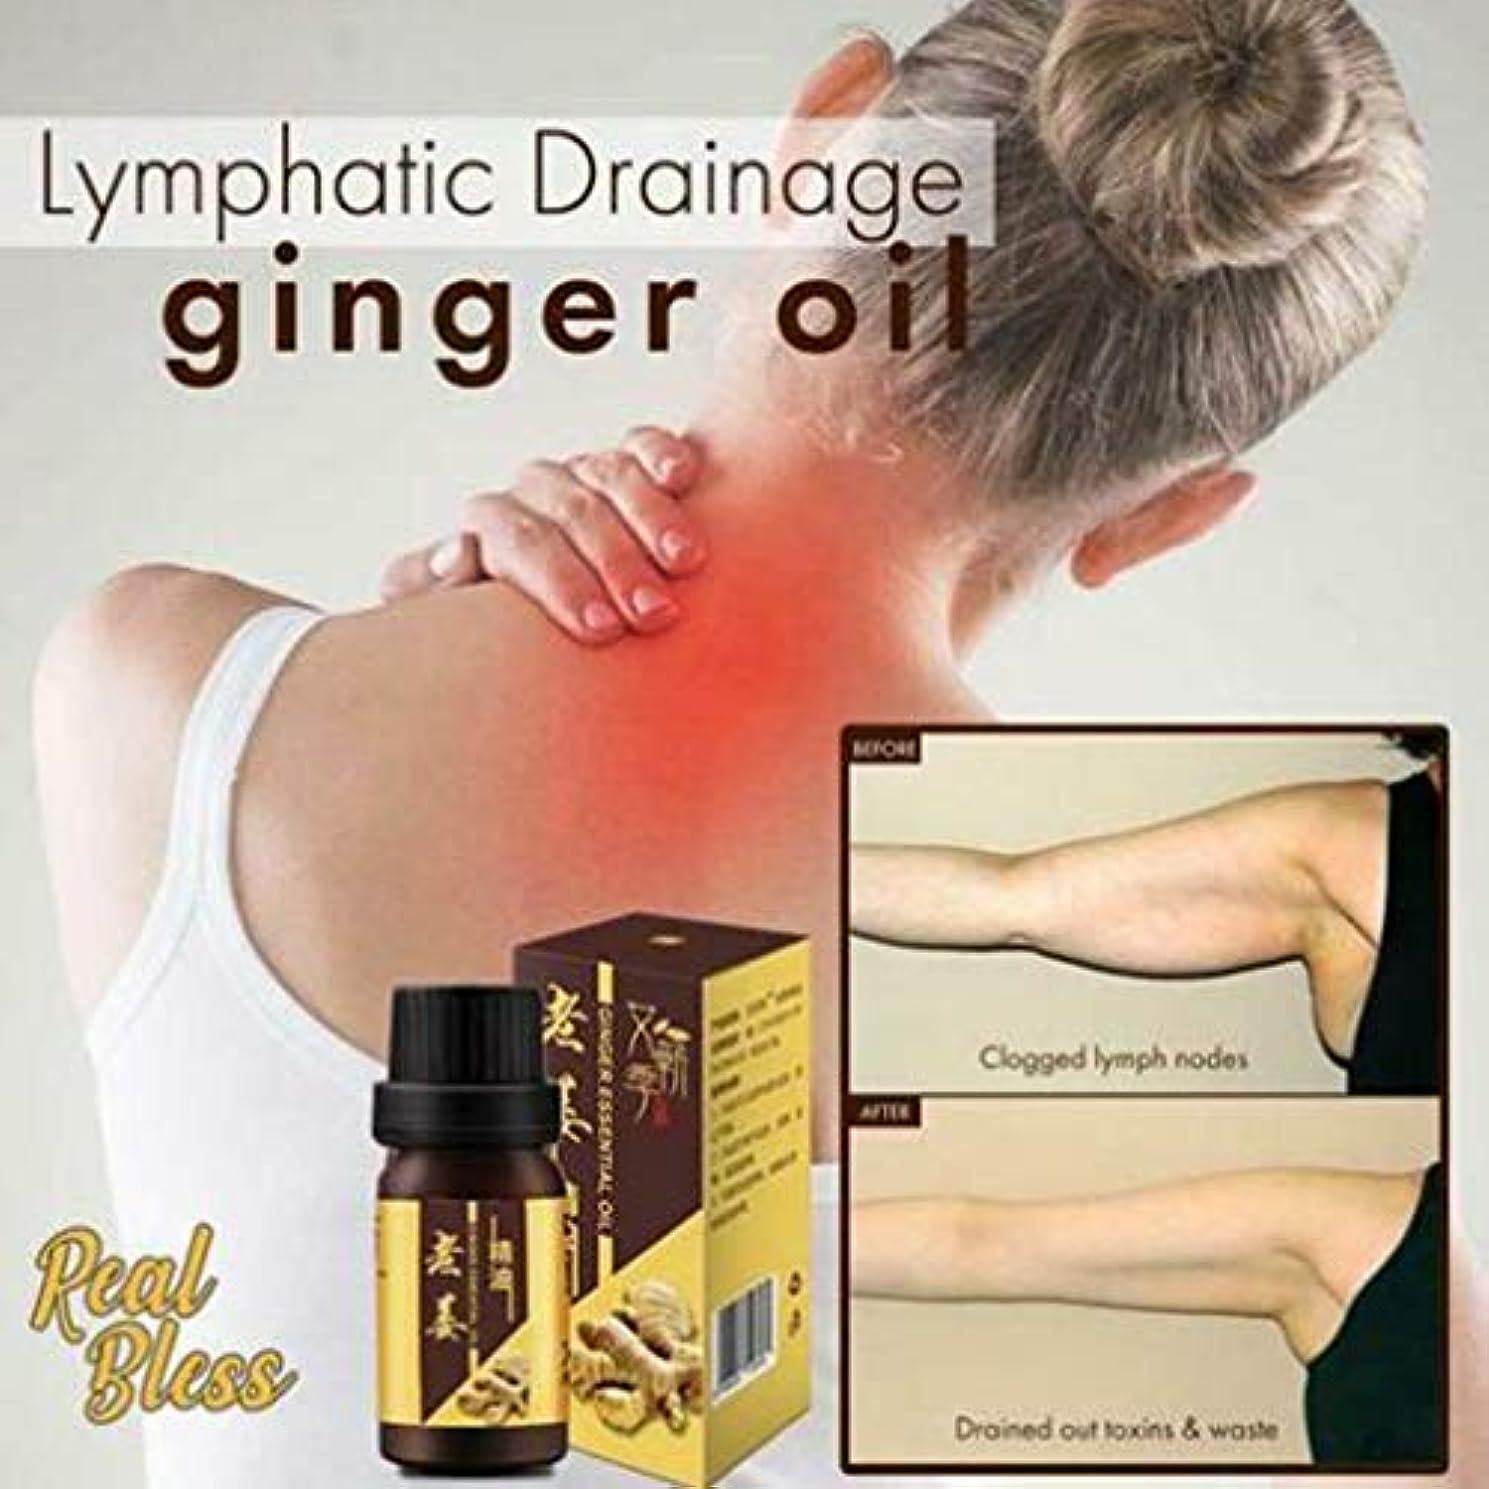 極端な倒錯寄託ZooArts ジンジャーエッセンシャルオイル 精油 100%ピュアナチュラル ジンジャーオイル スパマッサージオイル ジンジャーオイルオーガニック Slimming Fat Miracle Ginger Oil 10ml